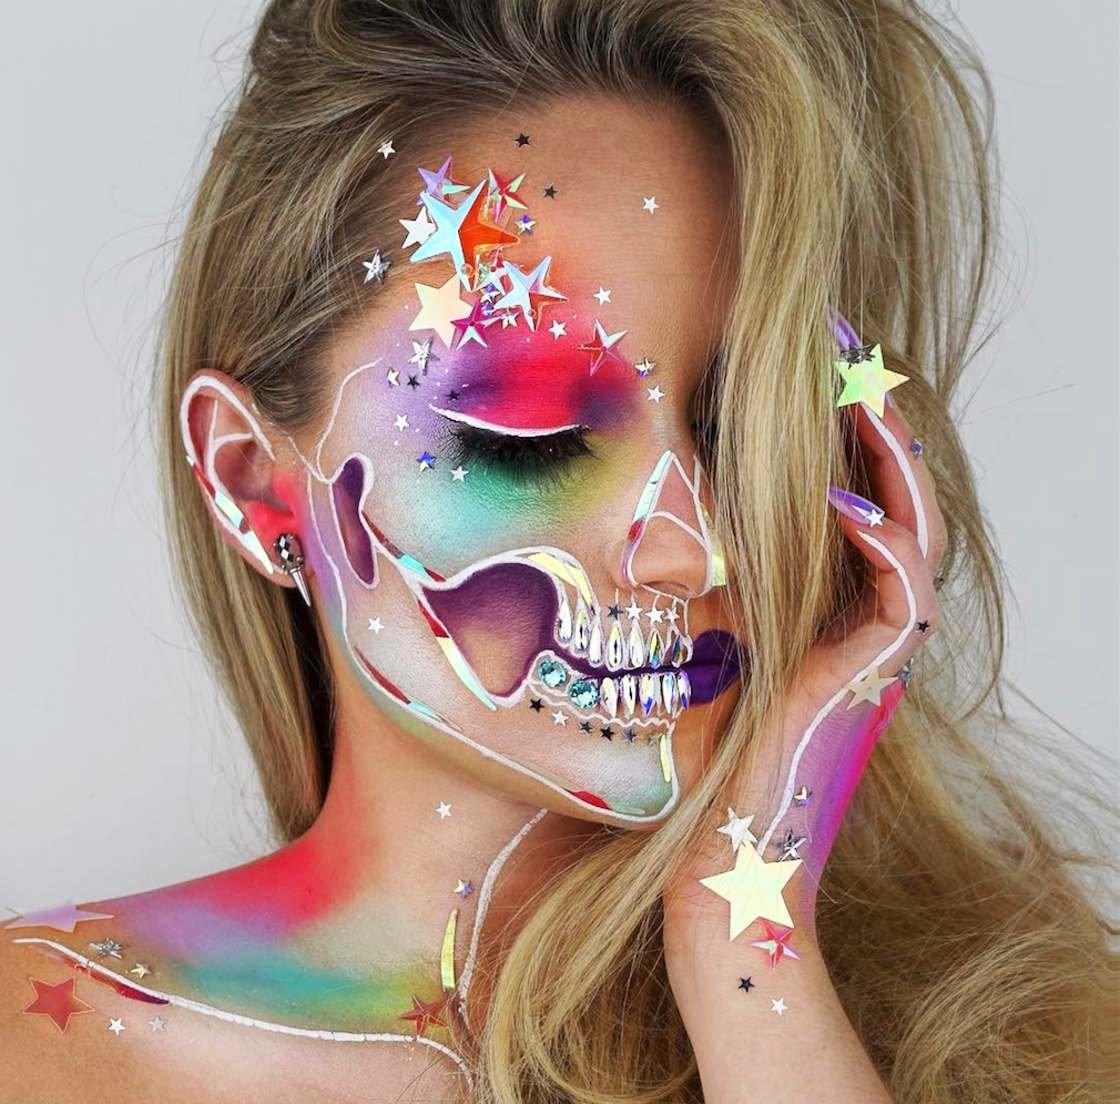 Прикольные картинки макияж, днем